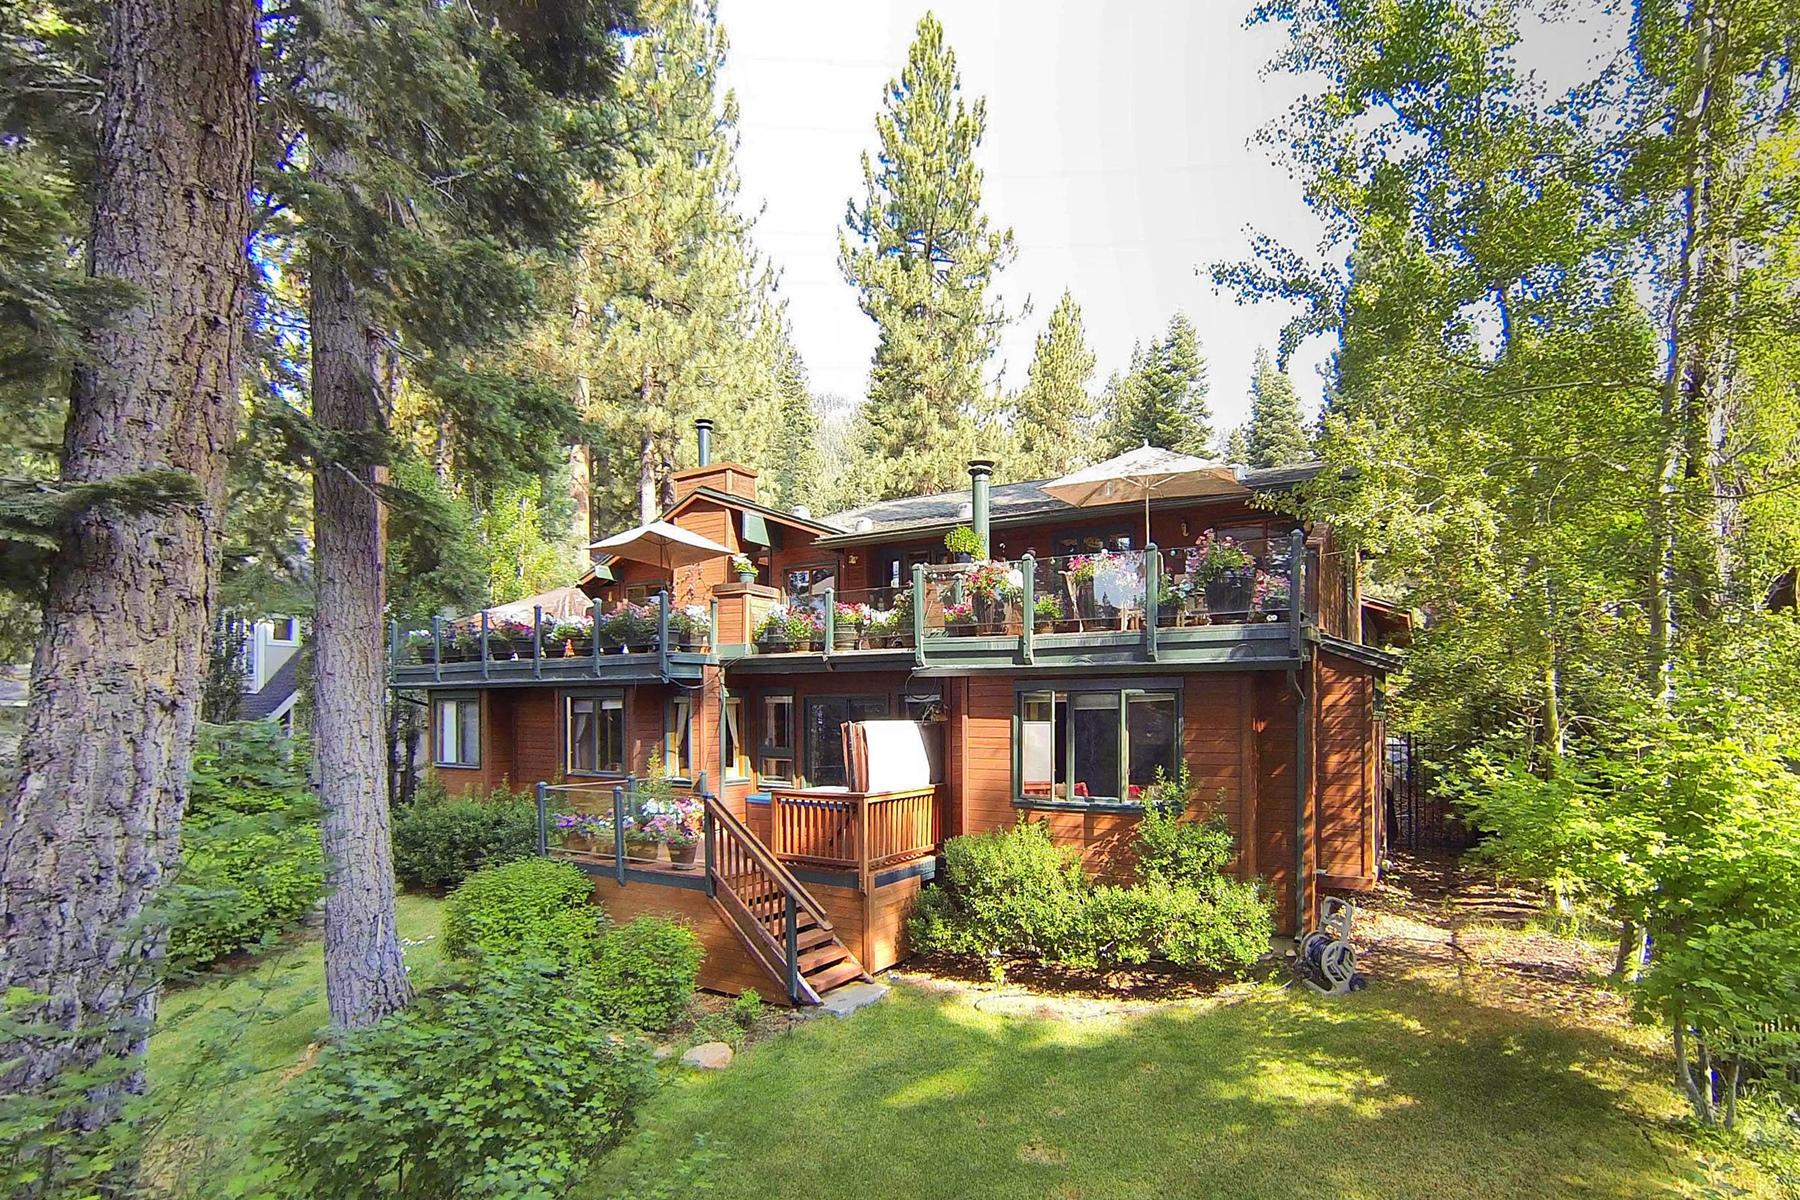 Casa Unifamiliar por un Venta en 697 Birdie Way Incline Village, Nevada, 89451 Lake Tahoe, Estados Unidos